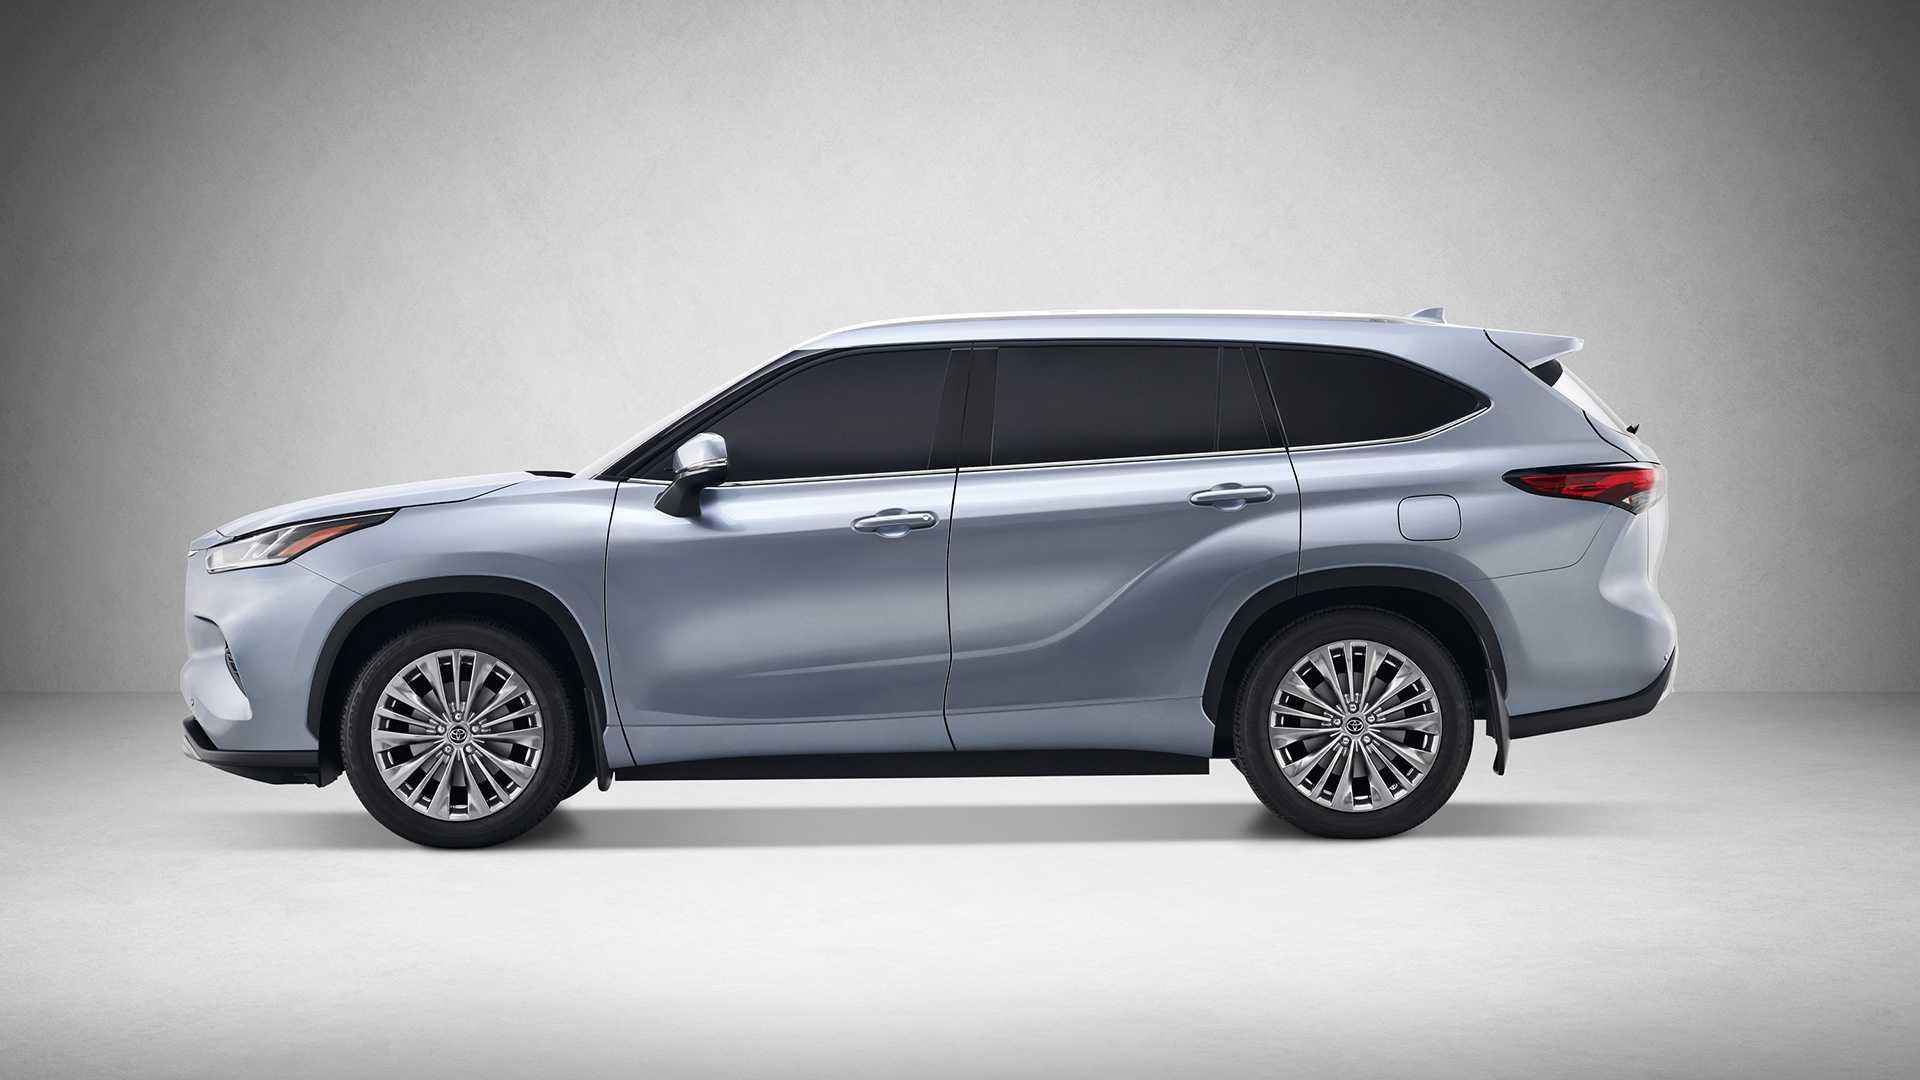 2020 Toyota Highlander Side Wallpapers (6)